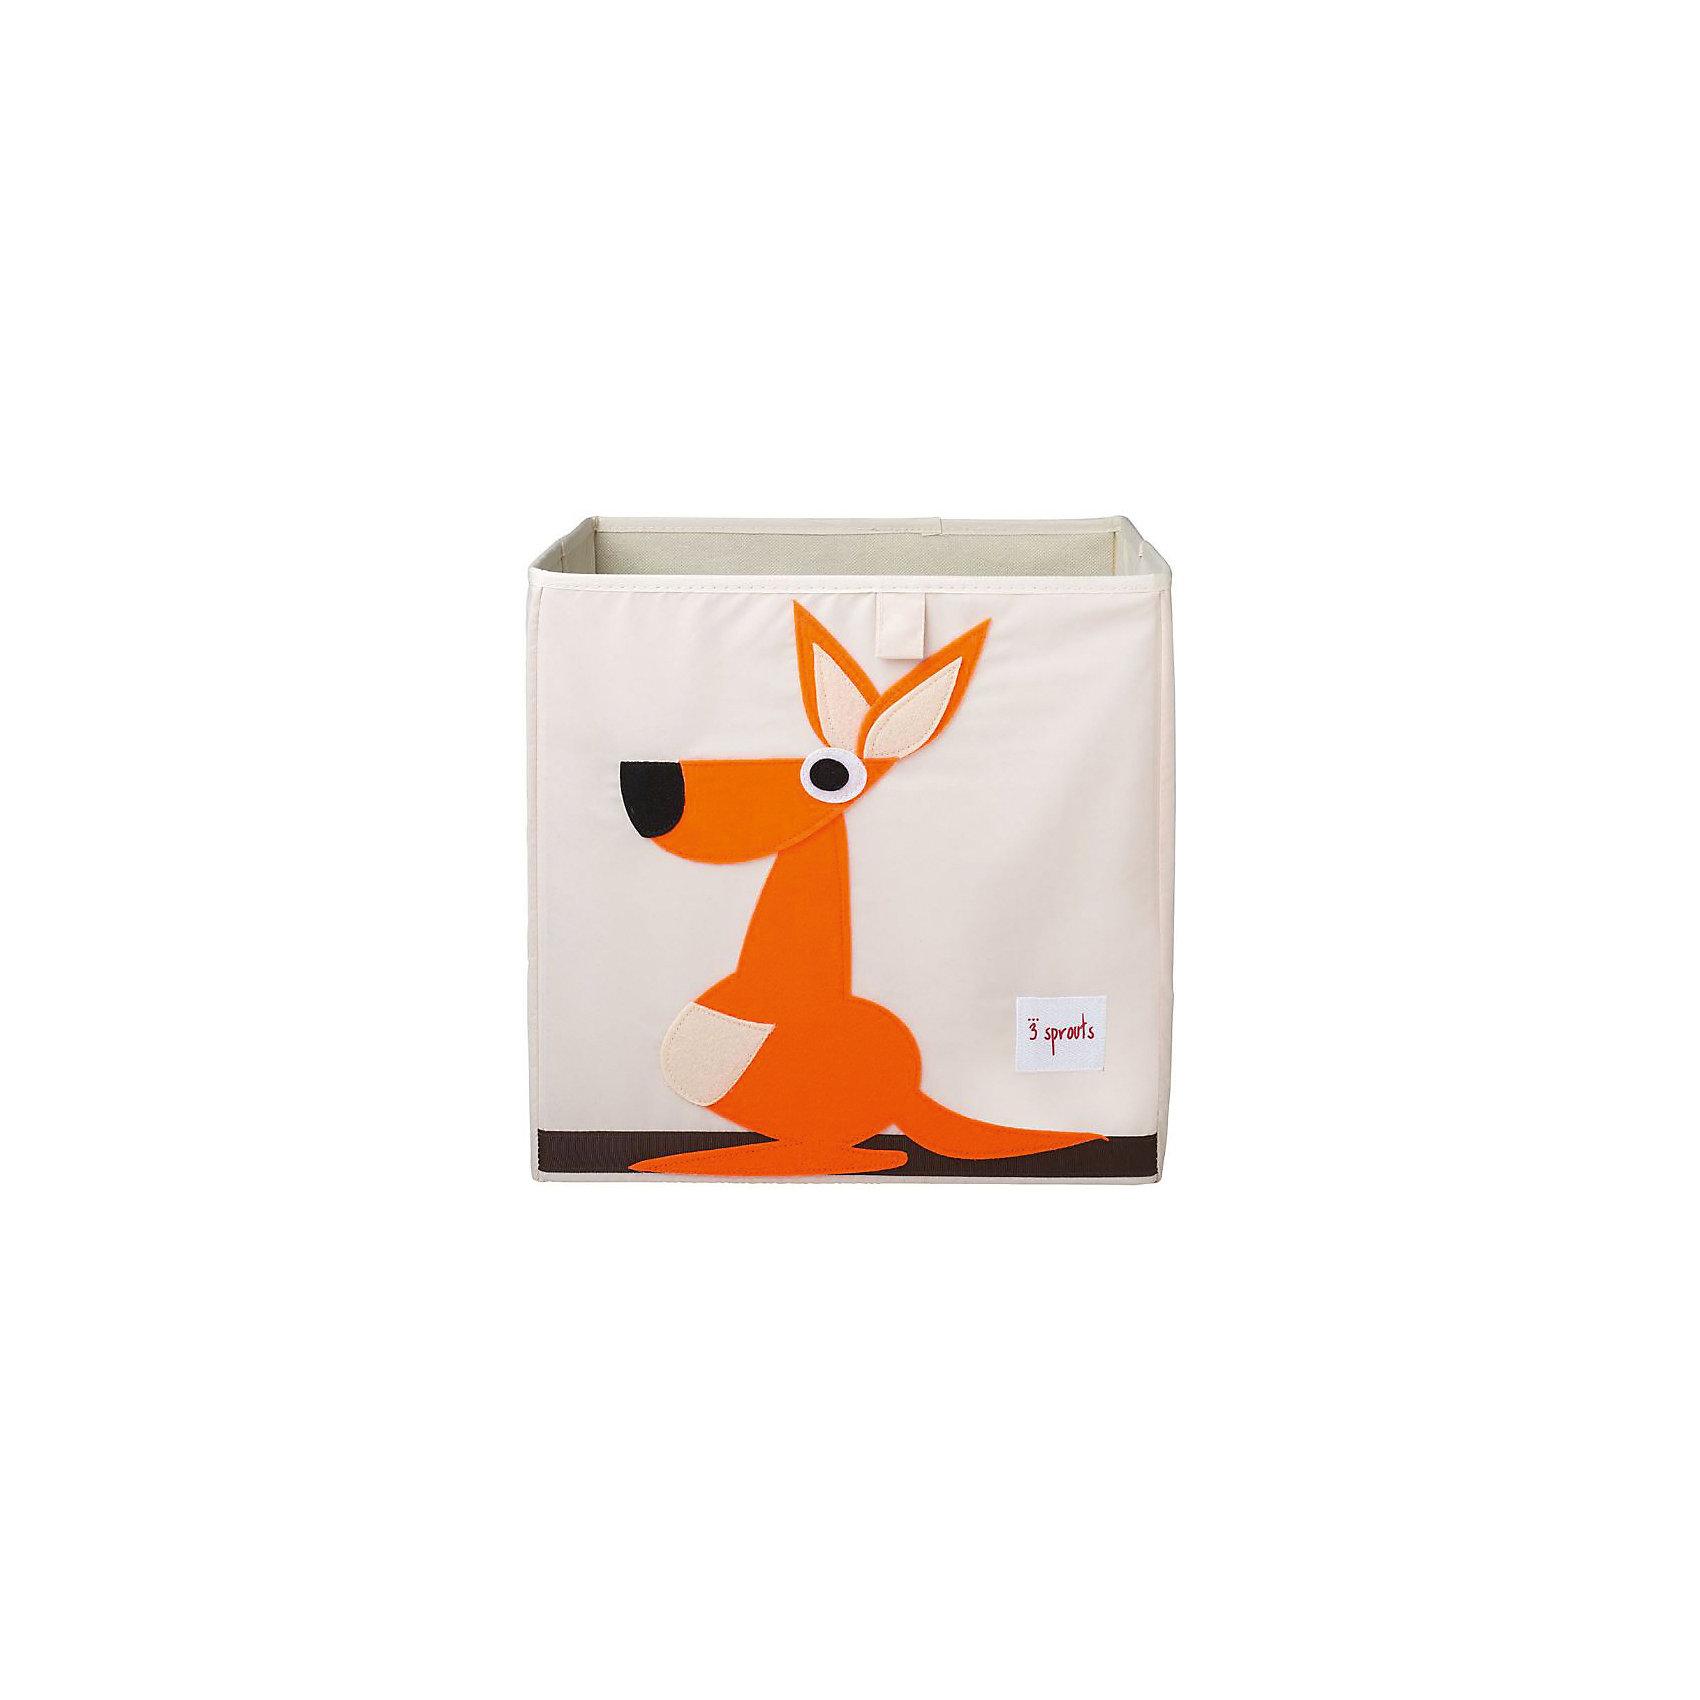 Коробка для хранения Кенгуру (Orange Kangaroo), 3 SproutsПорядок в детской<br>Красивая коробка - это не только место для хранения вещей, но и прекрасный декор любой комнаты.<br><br>Дополнительная информация:<br><br>- Размер: 33x33x33 см.<br>- Материал: полиэстер.<br>- Орнамент: Кегуру.<br><br>Купить коробку для хранения Кегуру (Orange Kangaroo), можно в нашем магазине.<br><br>Ширина мм: 330<br>Глубина мм: 20<br>Высота мм: 330<br>Вес г: 830<br>Возраст от месяцев: 6<br>Возраст до месяцев: 84<br>Пол: Унисекс<br>Возраст: Детский<br>SKU: 5098220